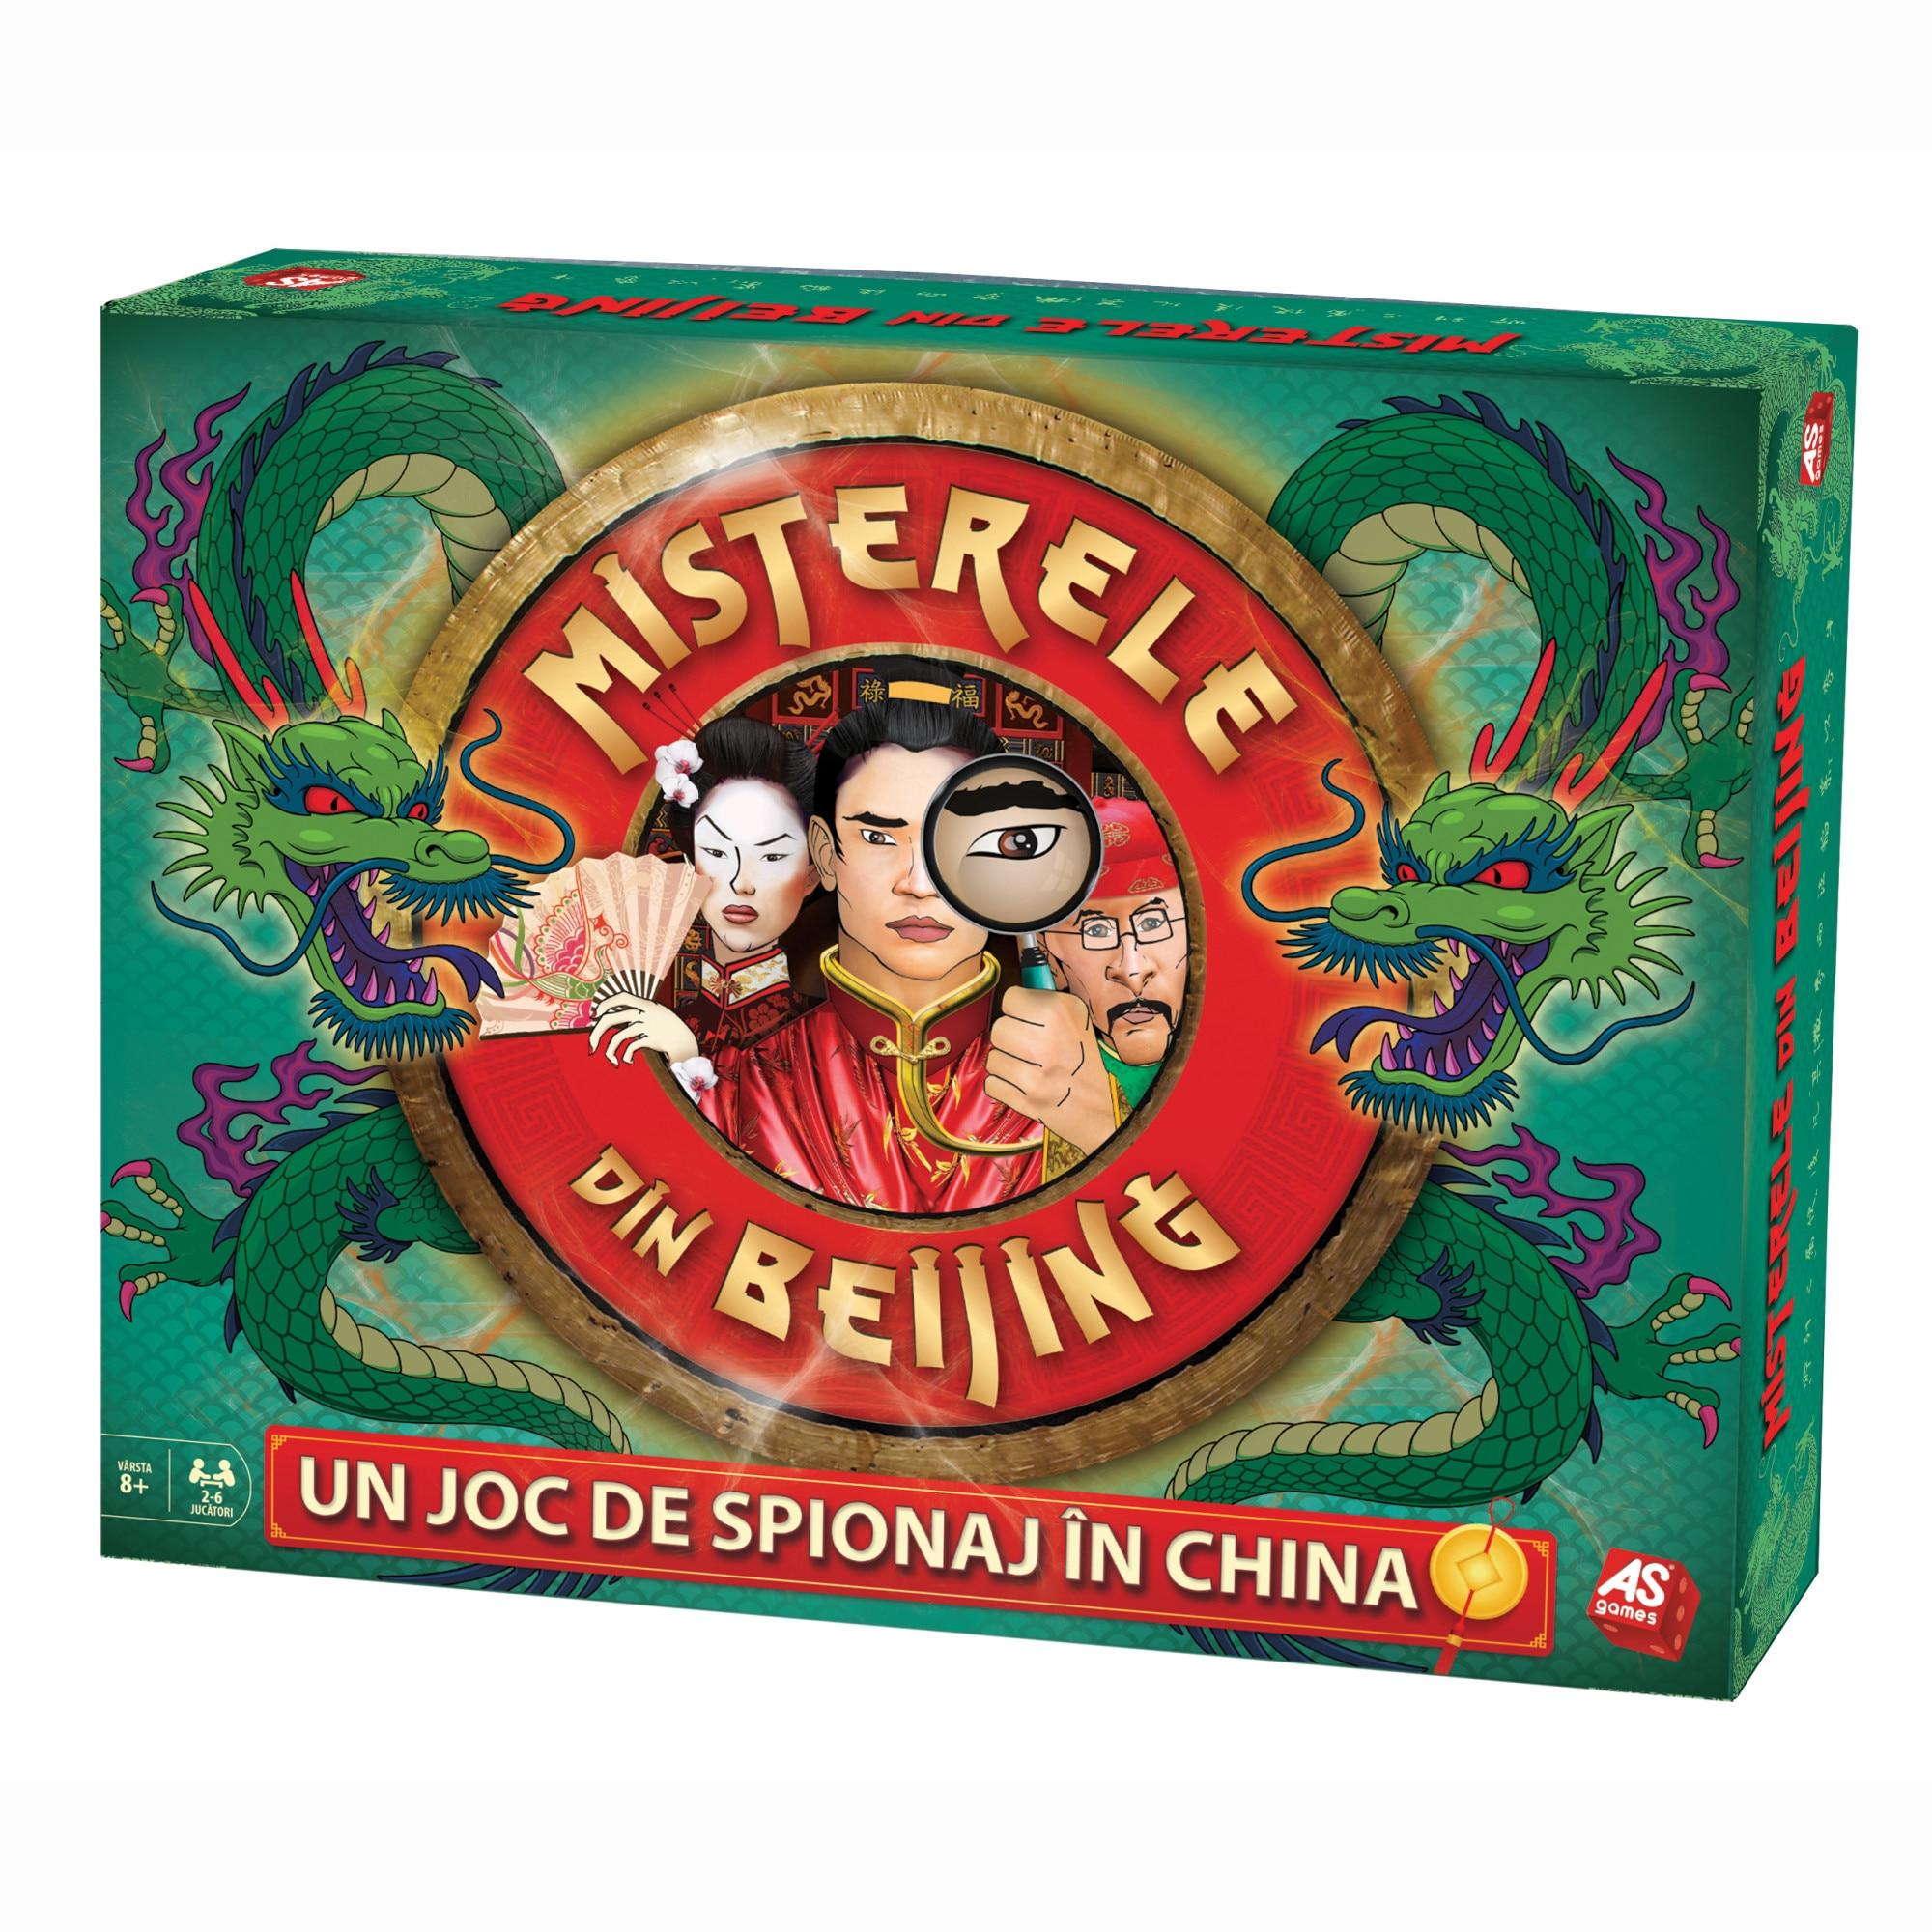 Fotografie Joc As Games, Misterele din Beijing